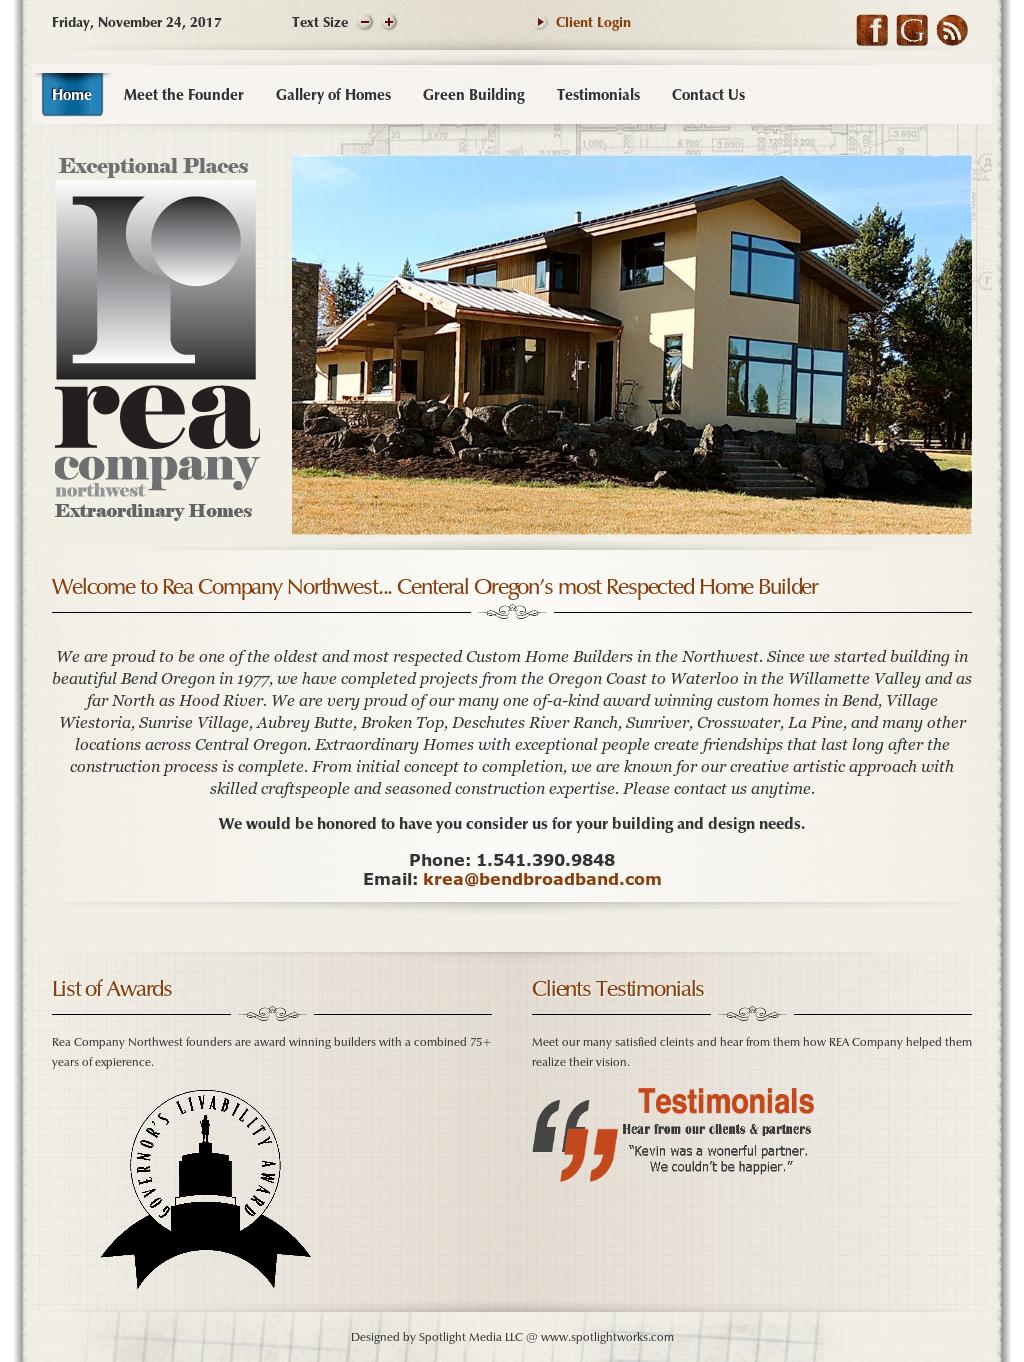 Rea Co. Northwest Custom Home Builders, Contractors, & Designers ...